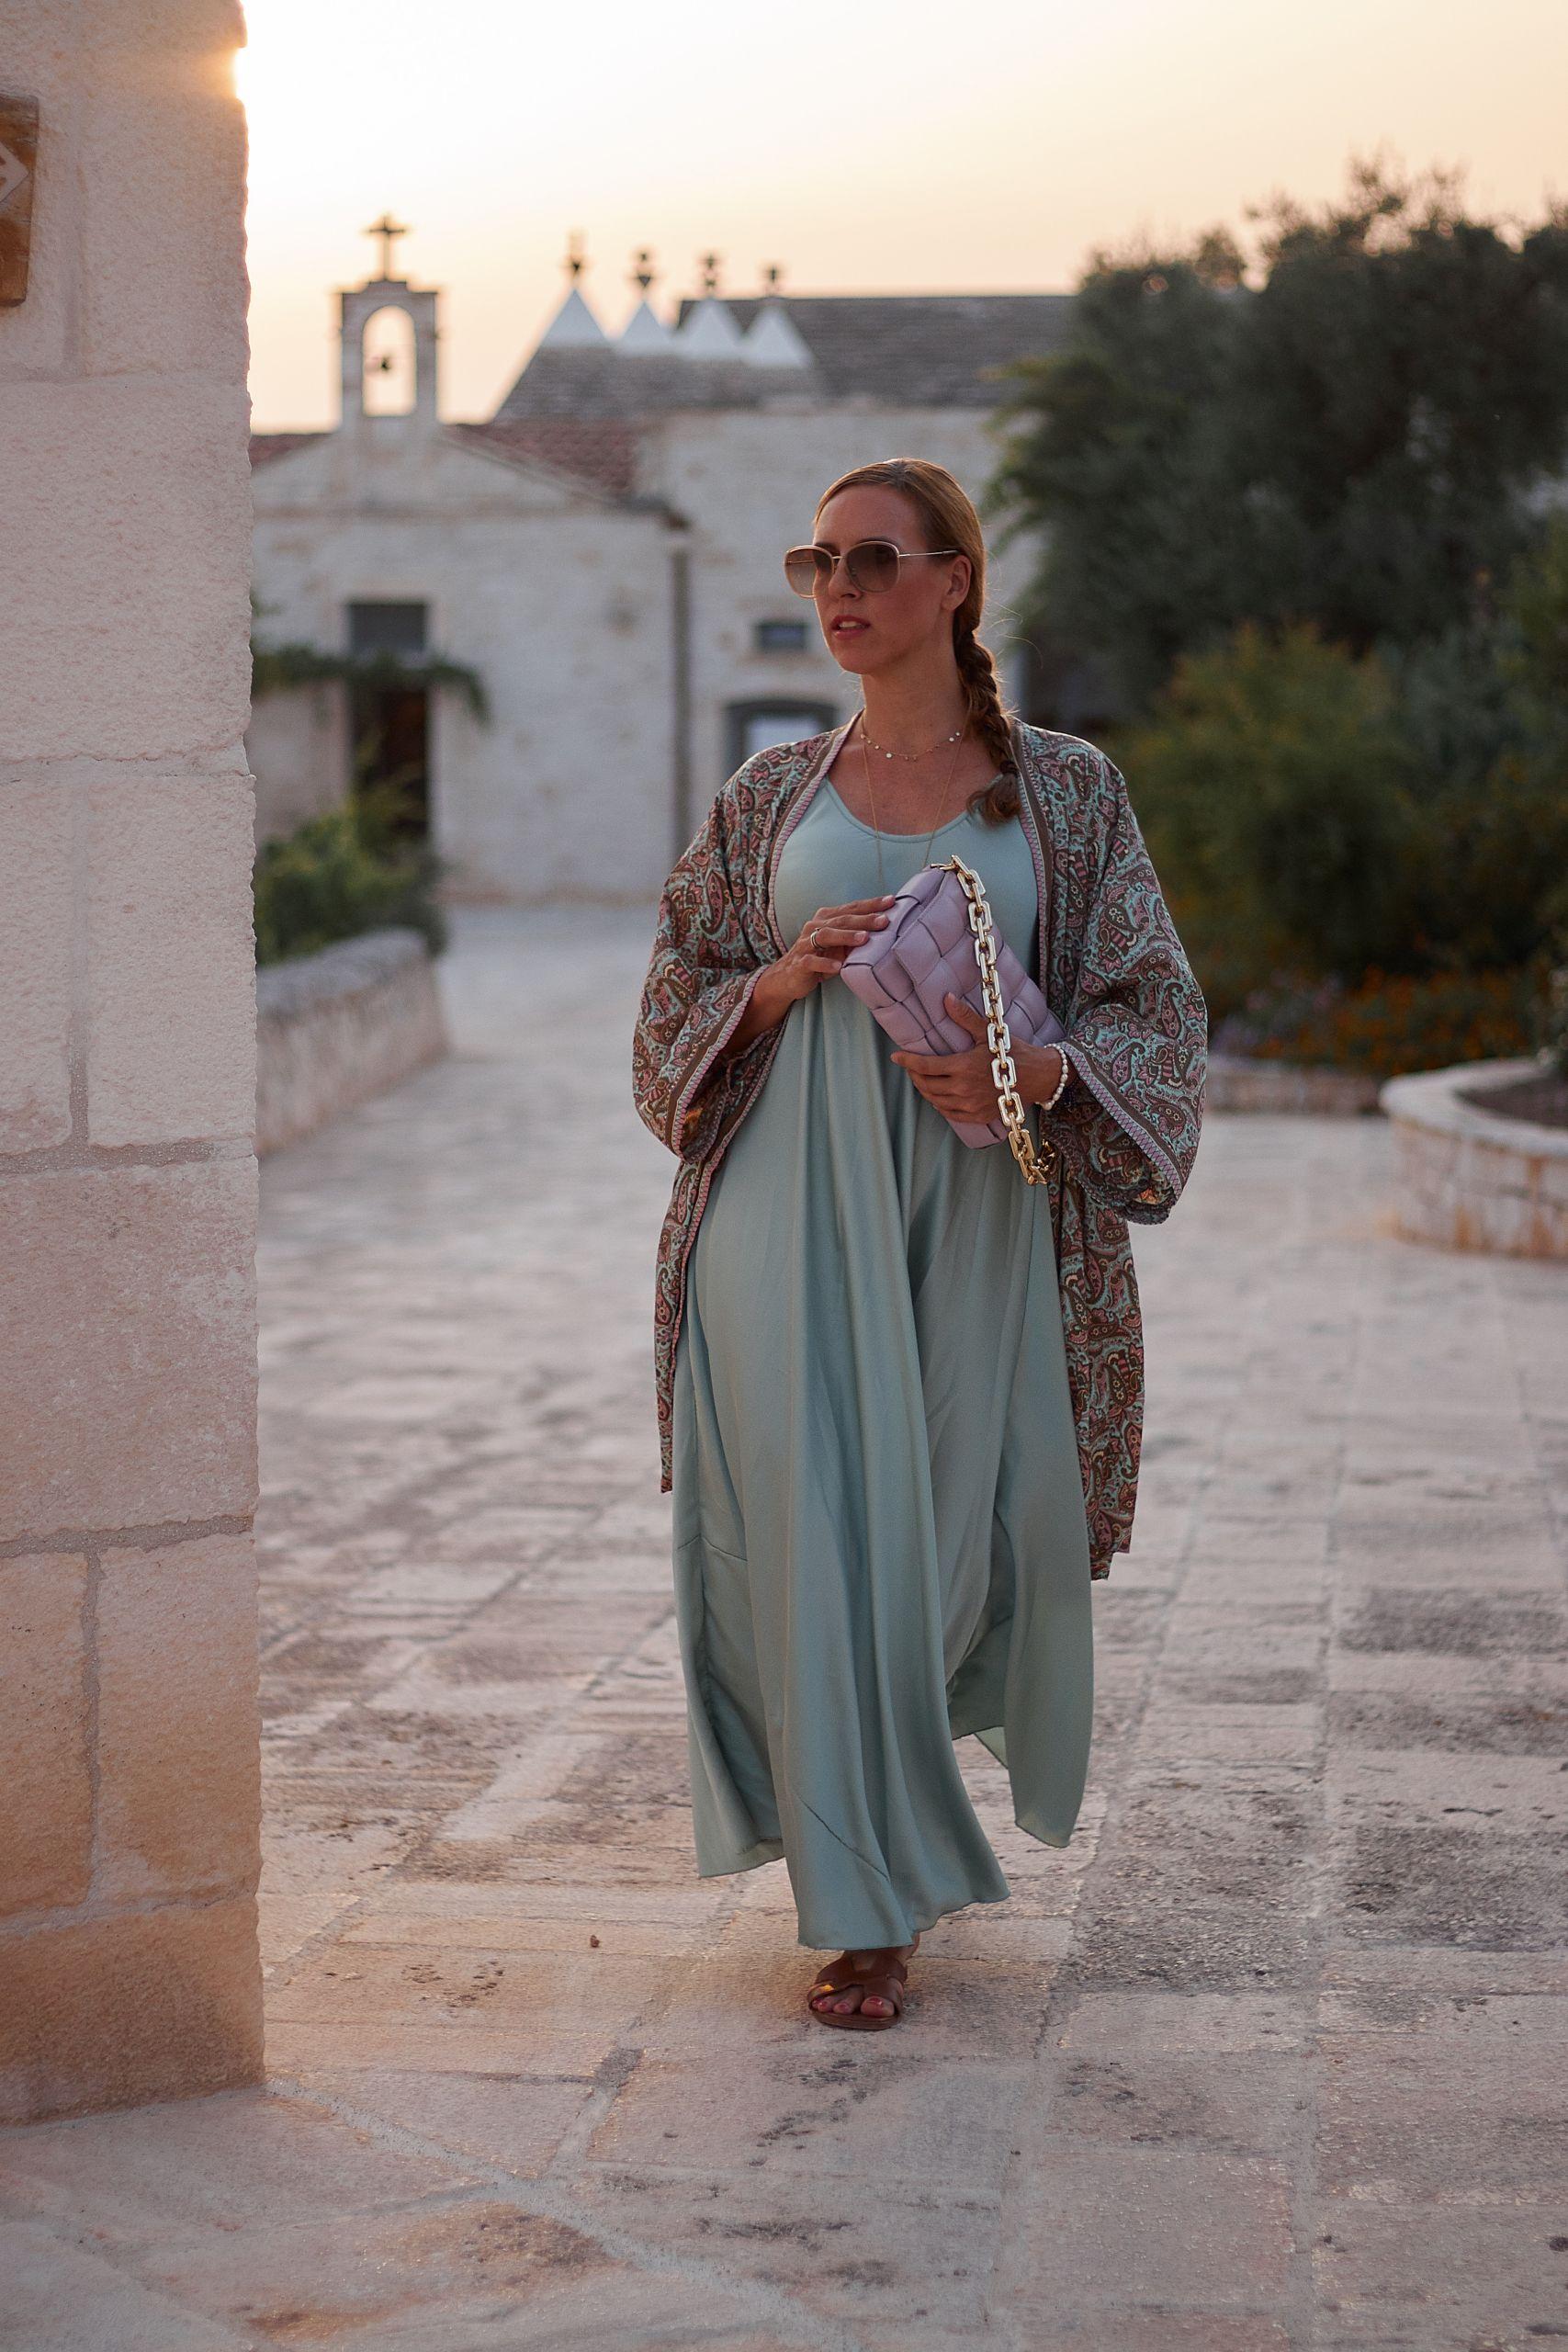 Kimono Style zum Kleid für abendliche Anlässe elegant kombiniert in der Masseria Griecoa